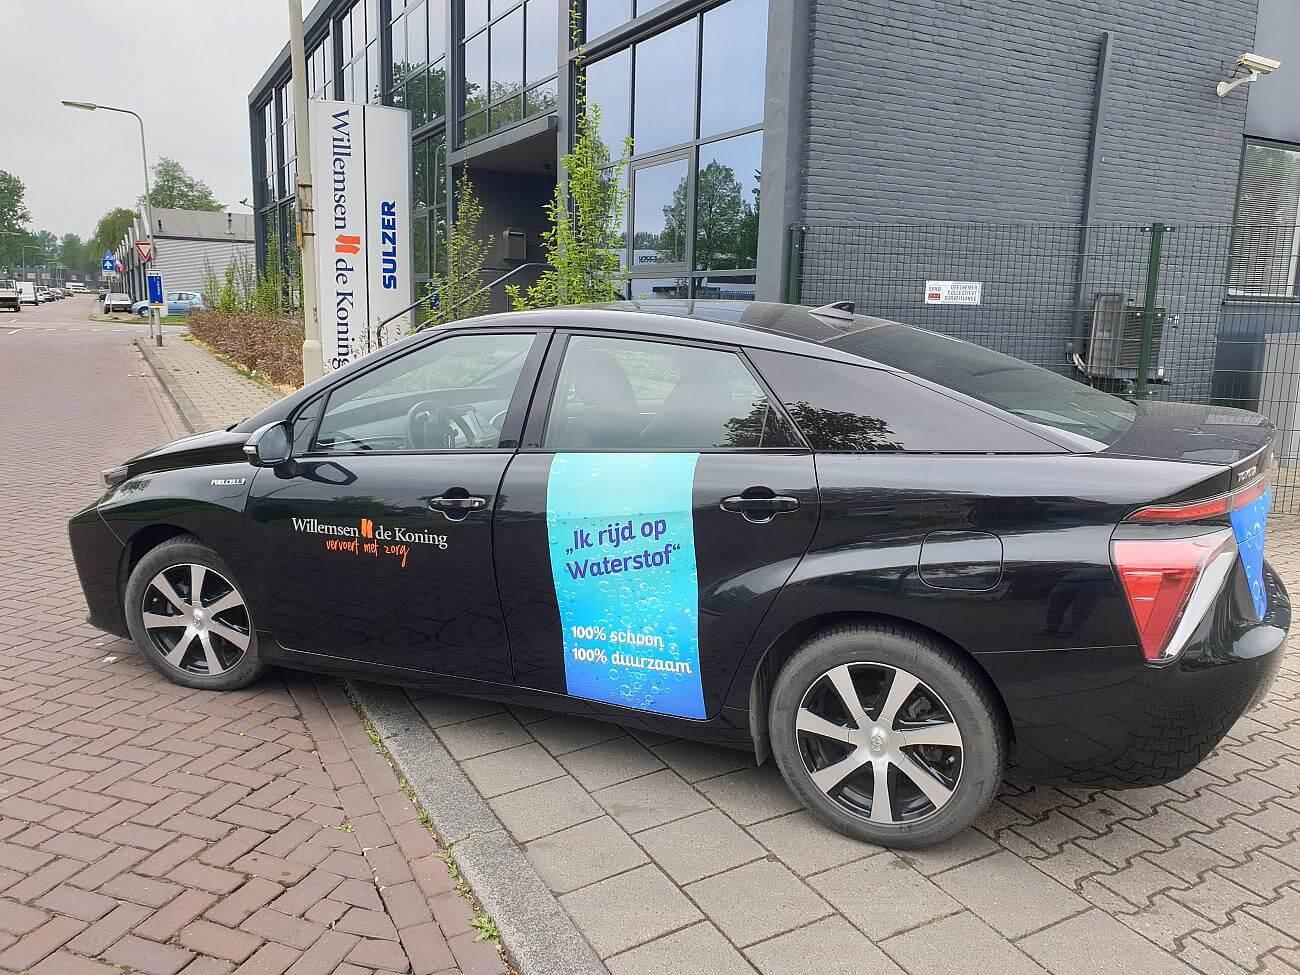 Willemsen – De Koning gaat gebruik maken van de waterstofauto!